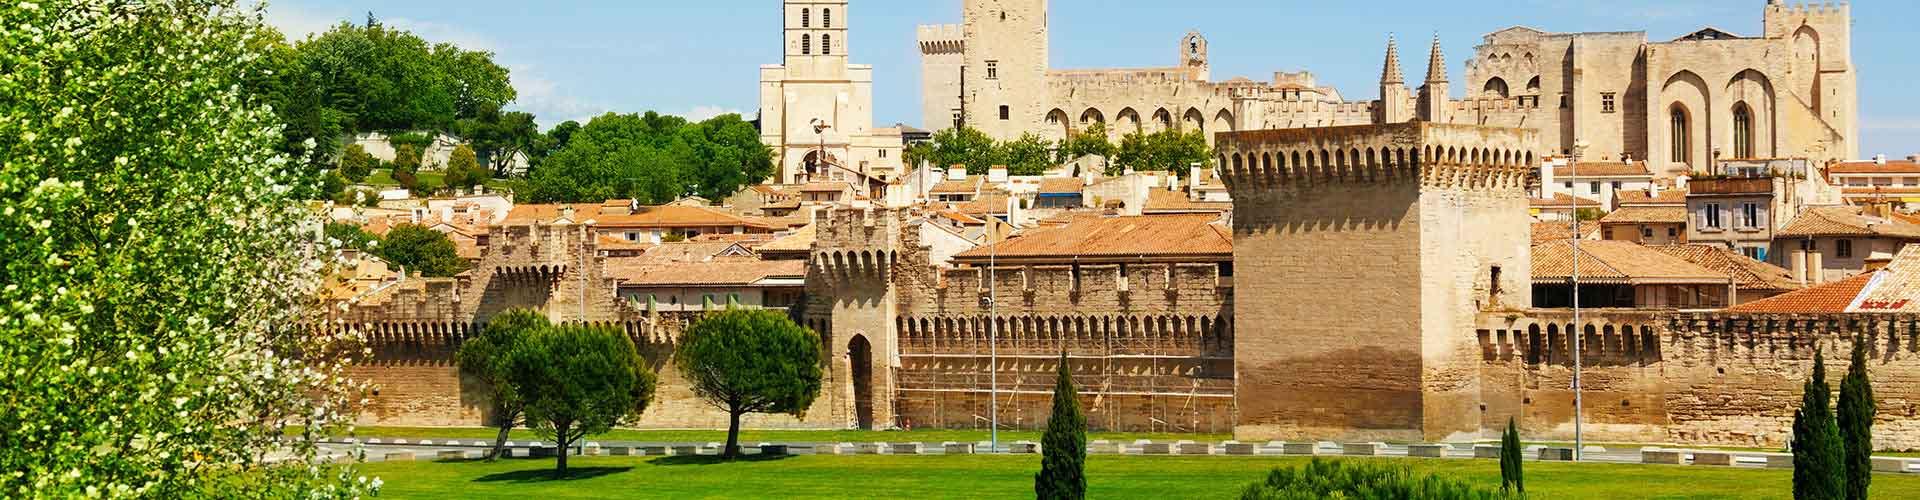 Avignon - Hostales en Avignon. Mapas de Avignon, Fotos y comentarios de cada Hostal en Avignon.